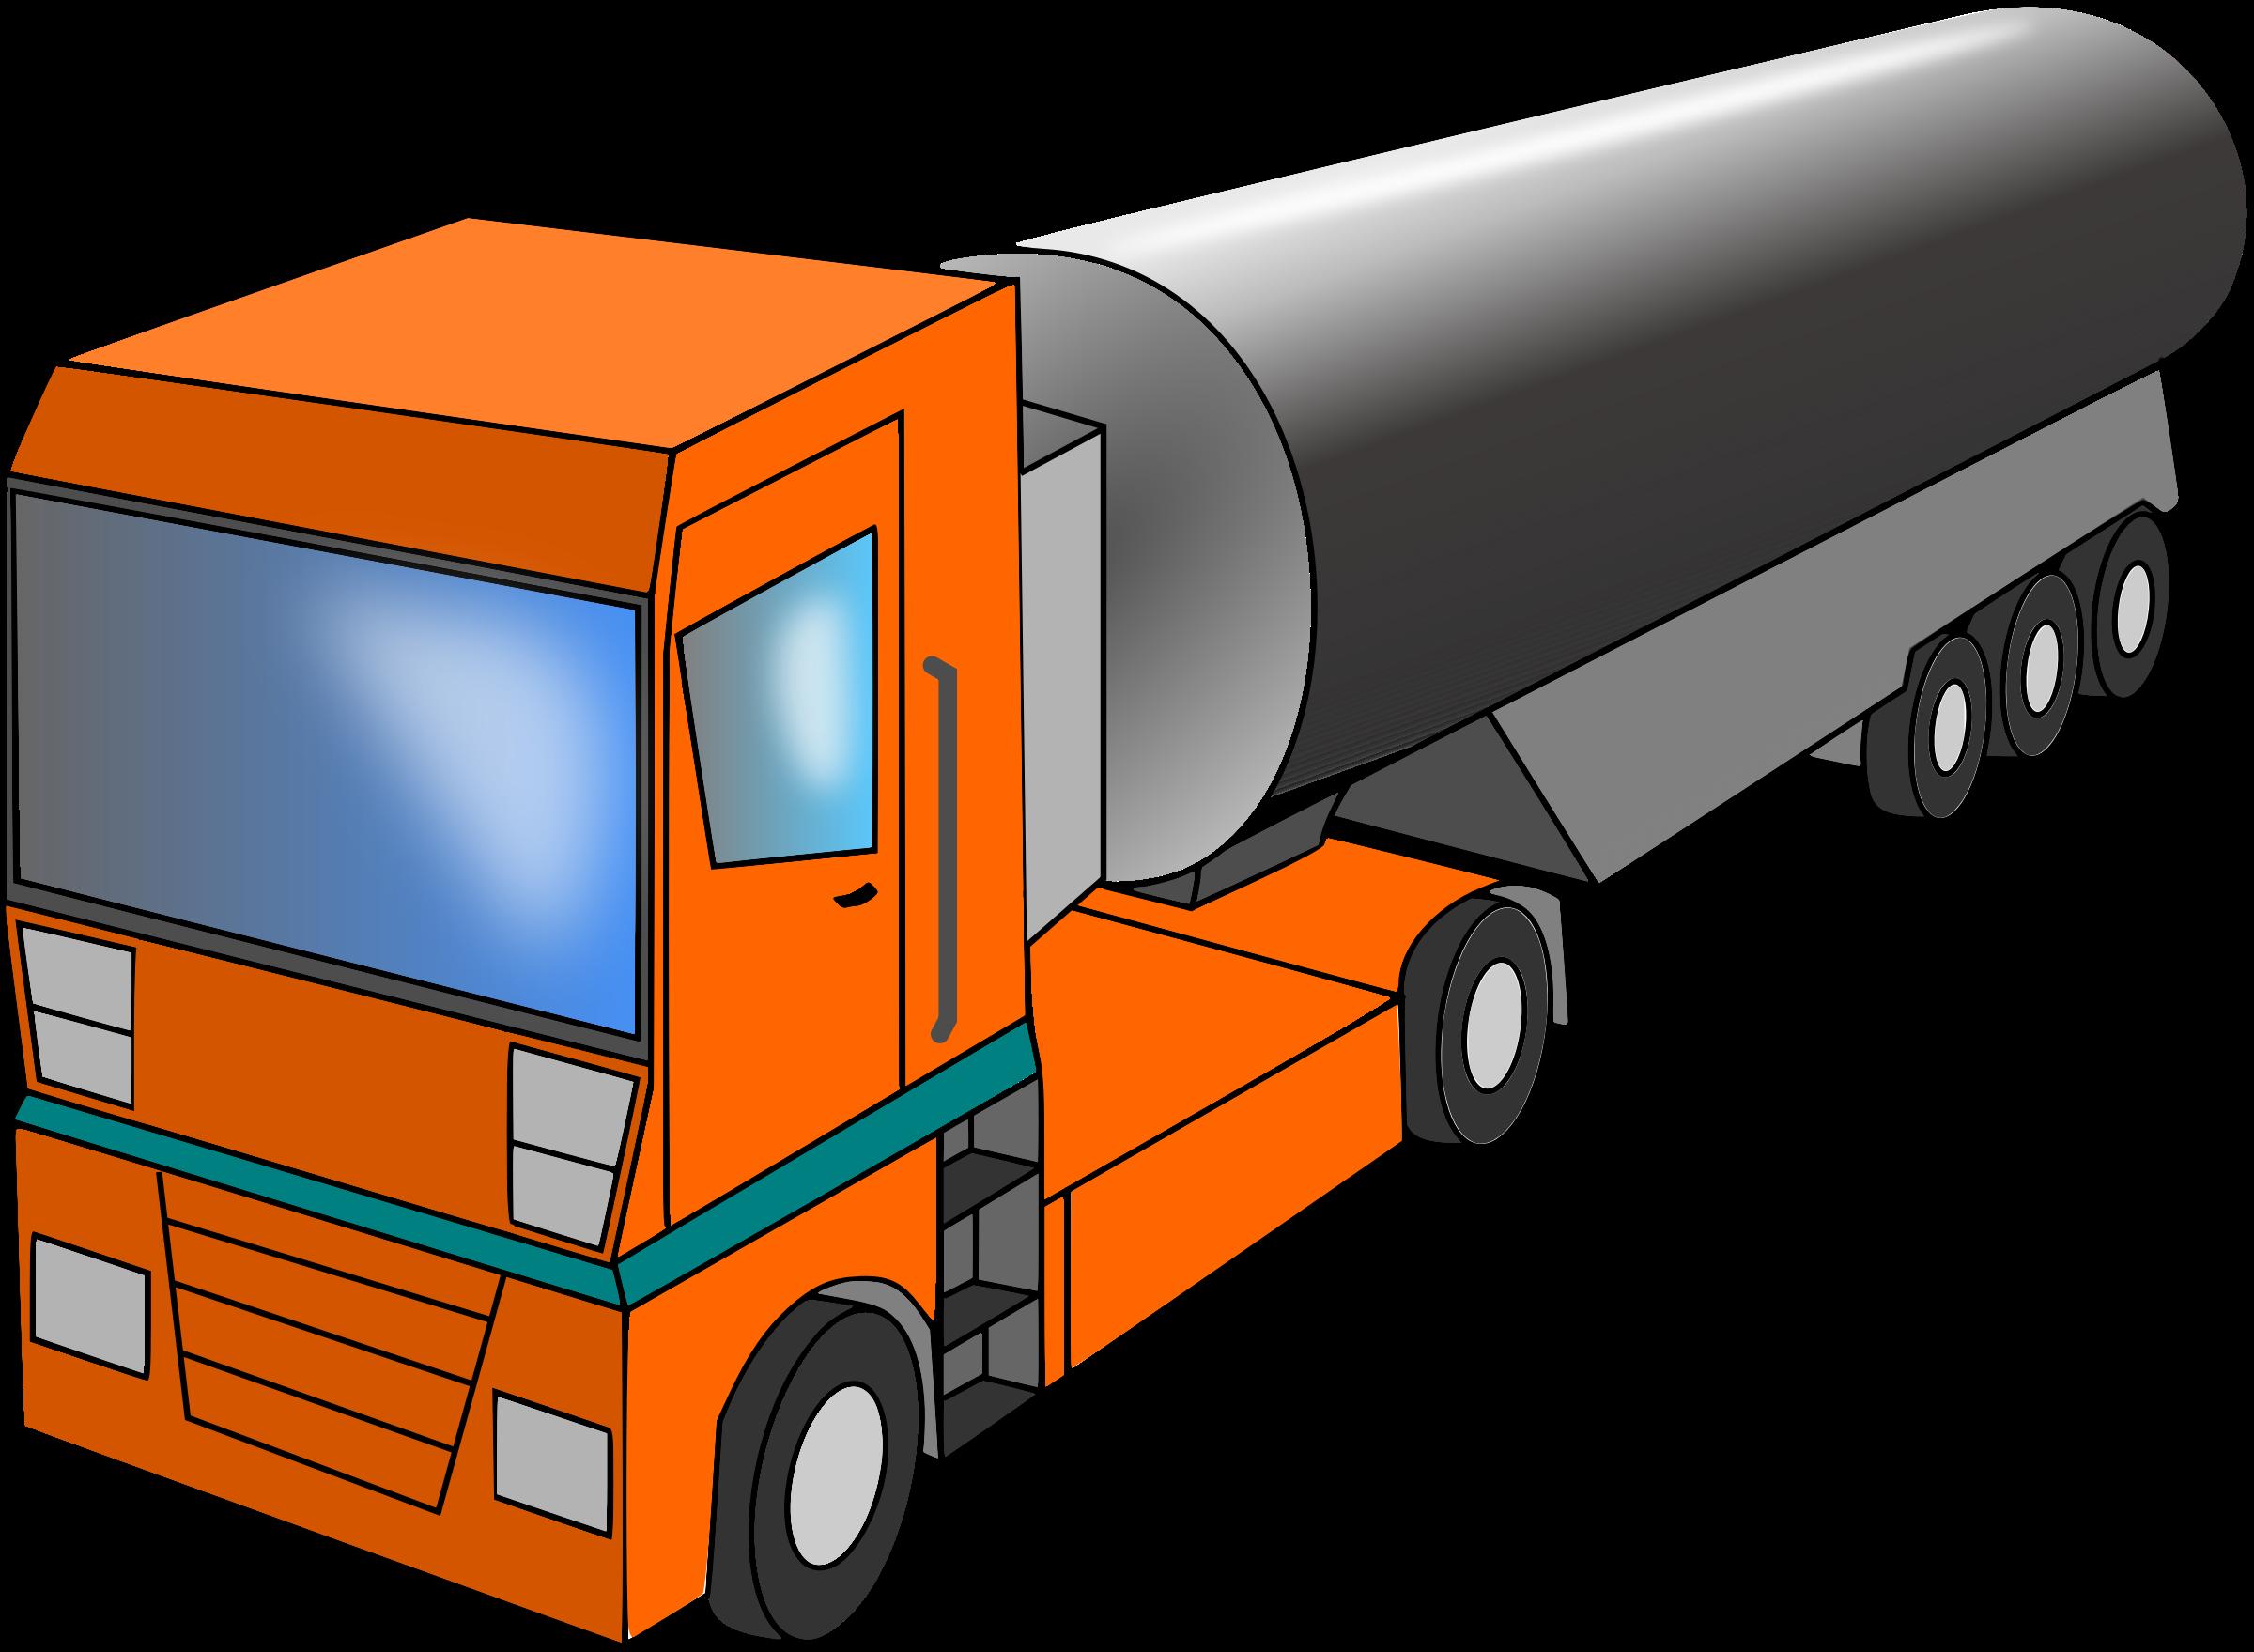 Truck clipart transport truck Cistern Cistern Truck Clipart Truck